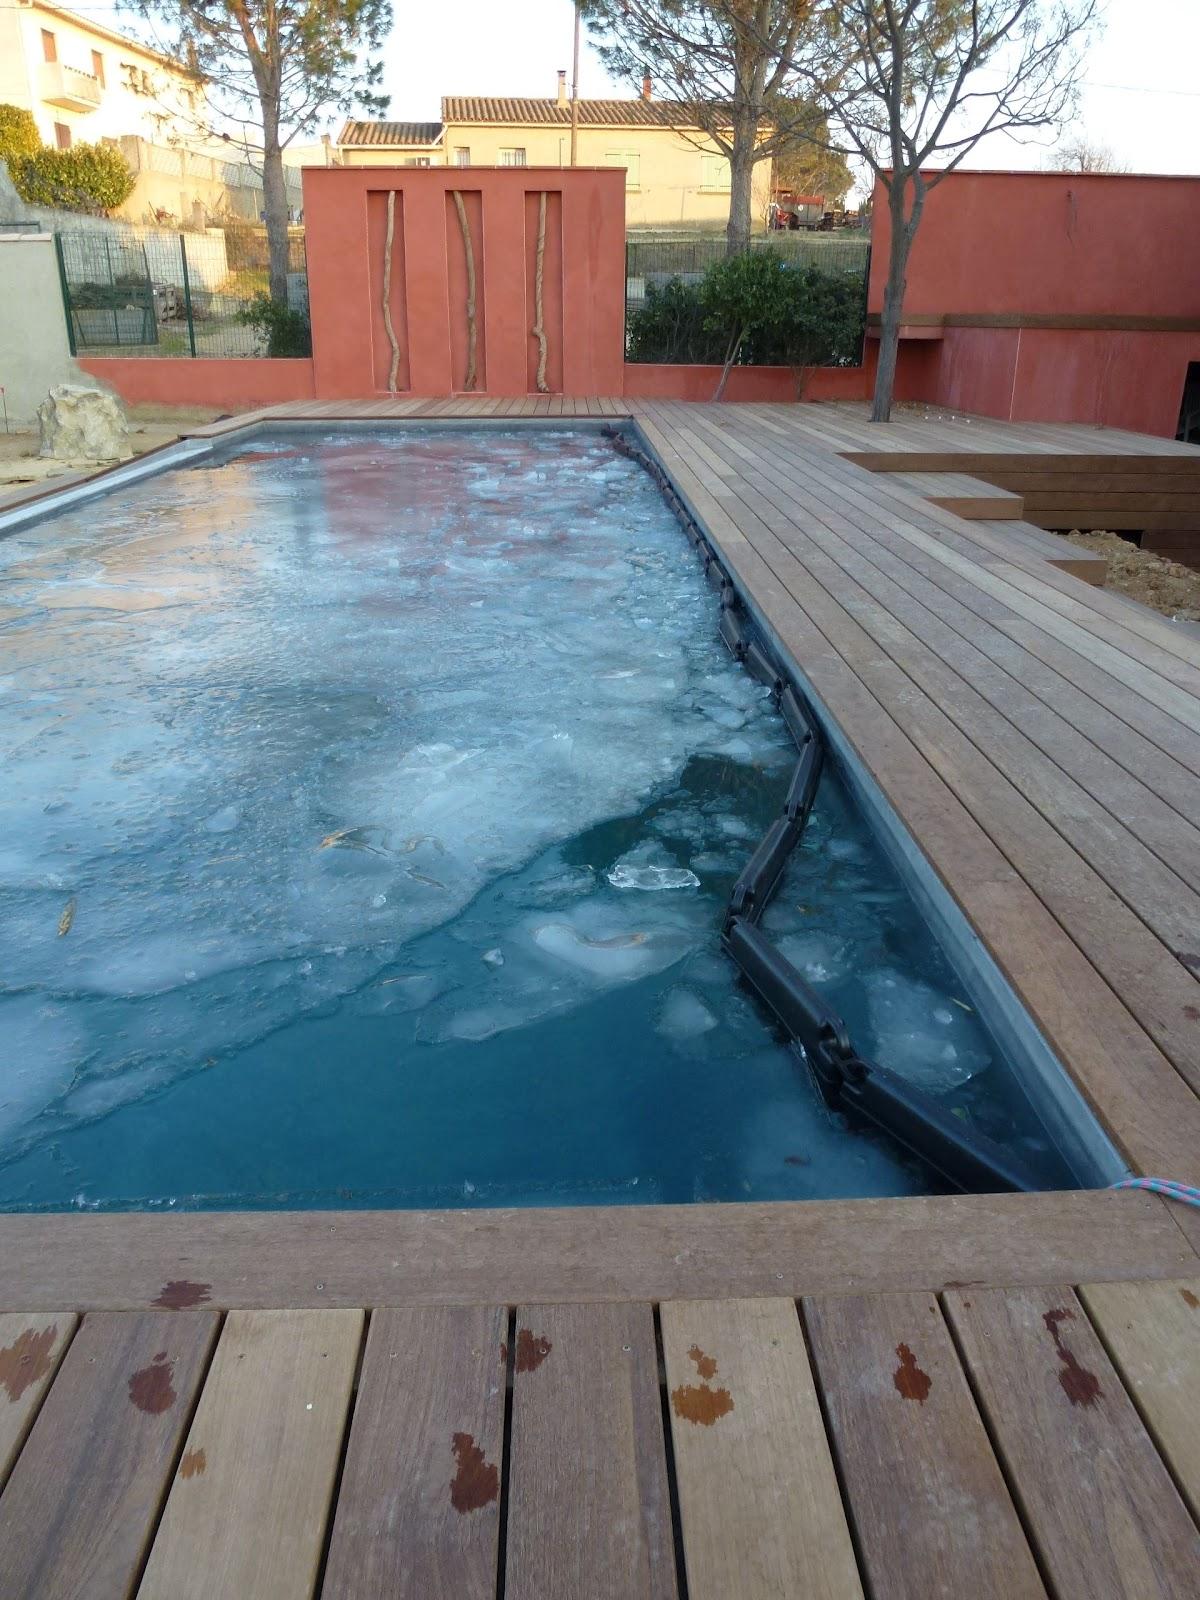 Piscine ou patinoire construction piscine diffazur for Construction piscine hiver